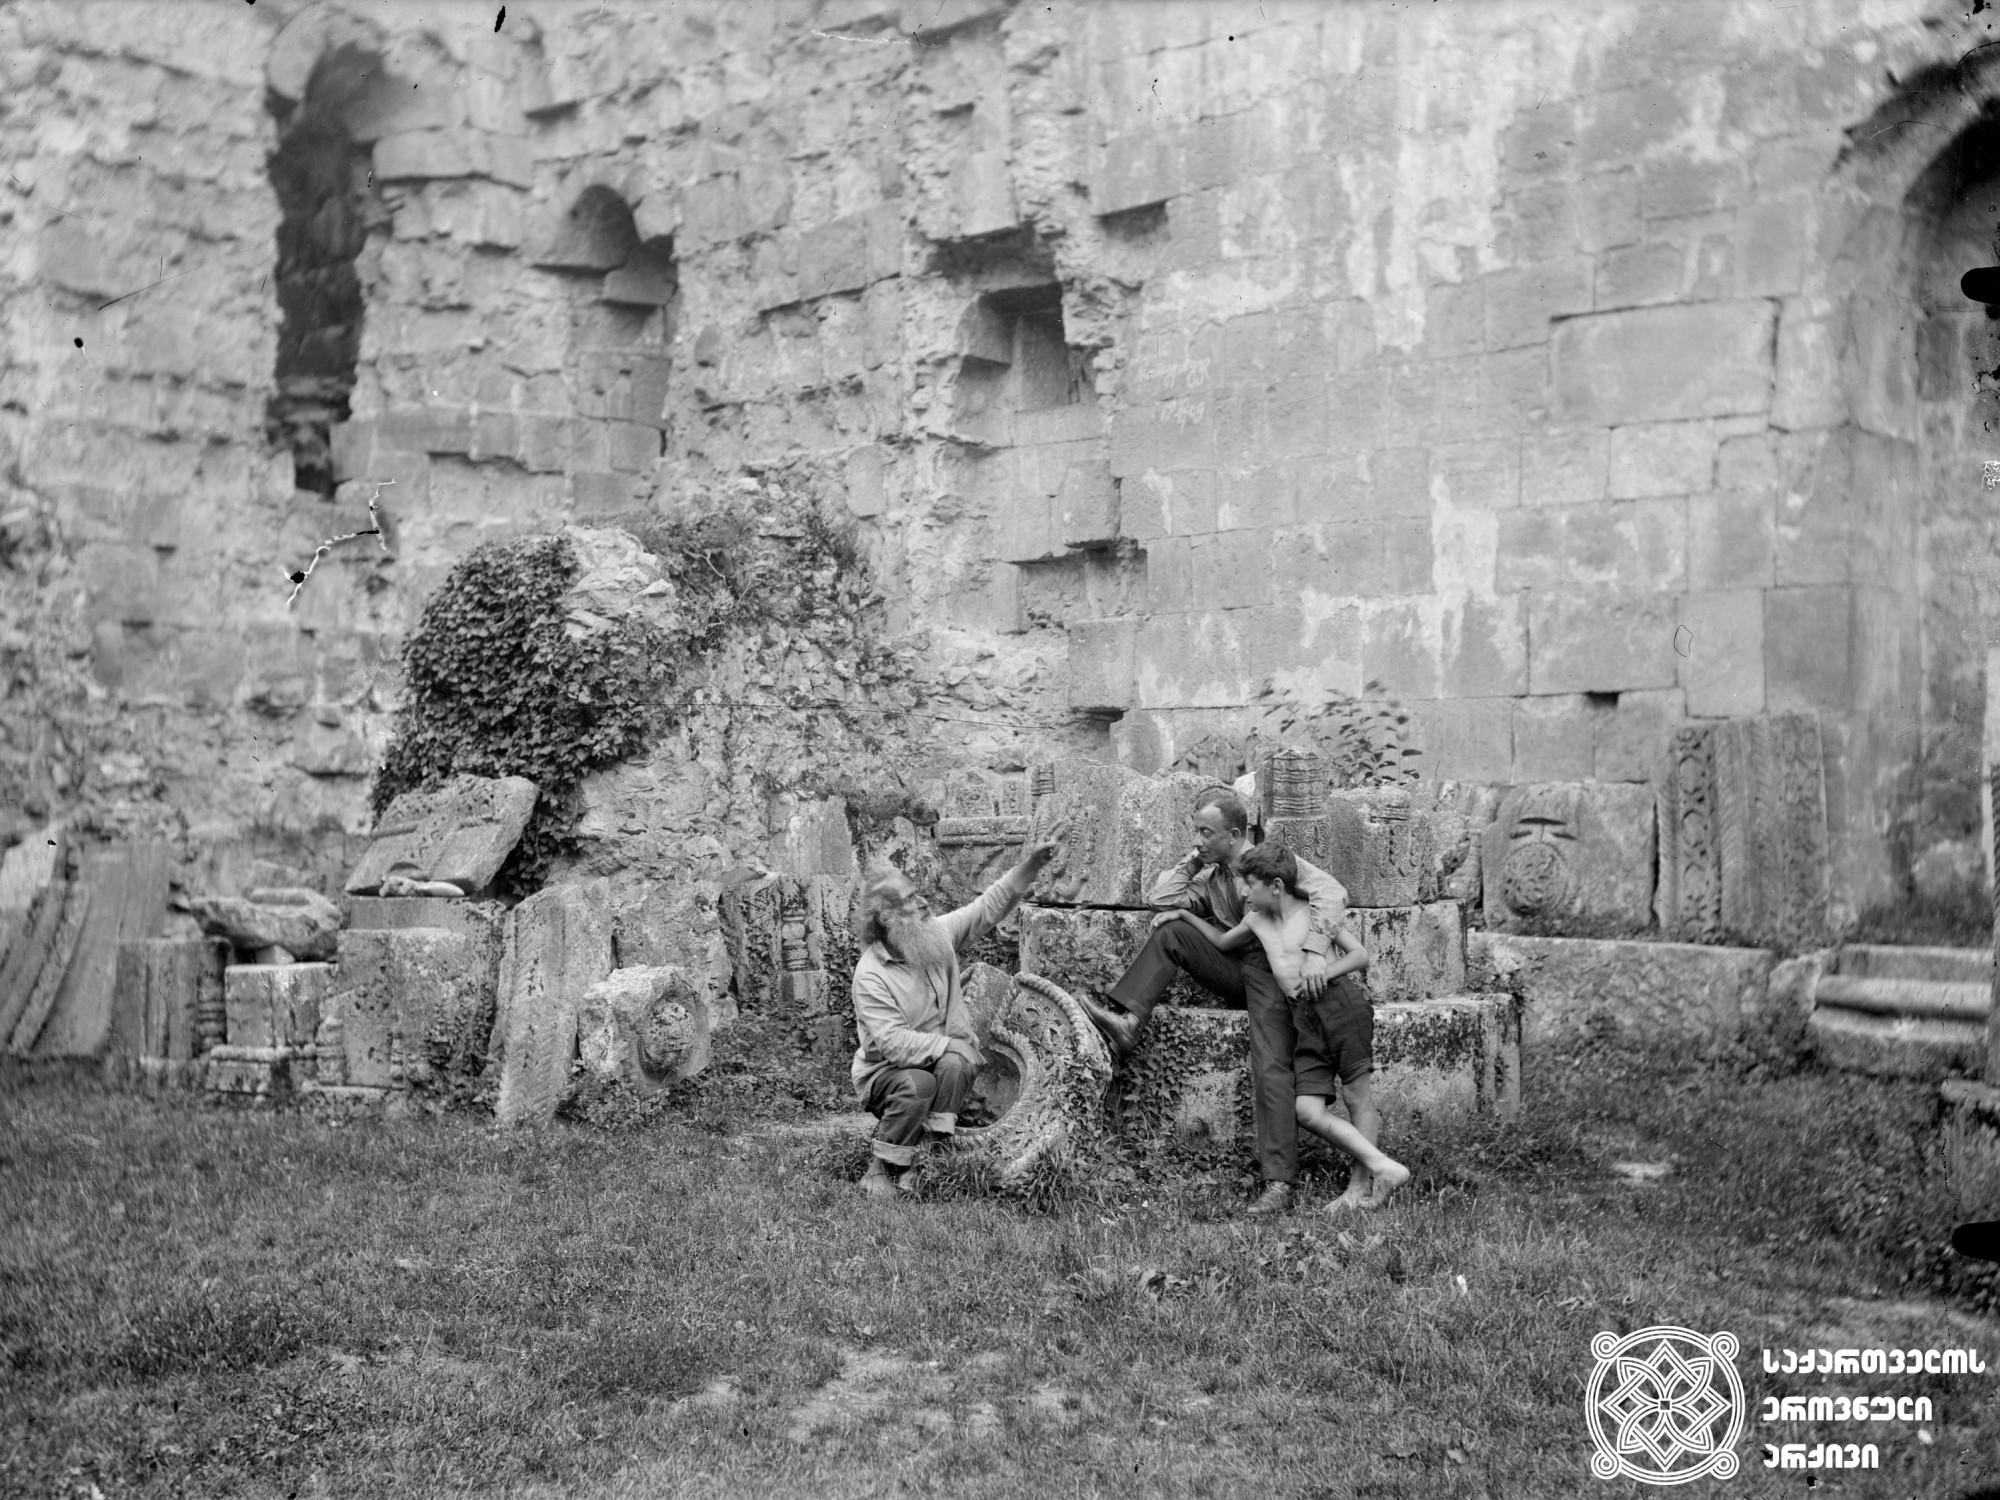 ბაგრატის ტაძრის ნანგრევებთან დავით ჯავრიშვილი ესაუბრება ნანგრევების მცველს, გრიგოლ ბერს. <br> მინის ნეგატივი 13X18. <br> Davit Javrishvili talks to the watchman of the Bagrati temple ruins, monk Grigol. <br> Glass negative 13X18. <br>